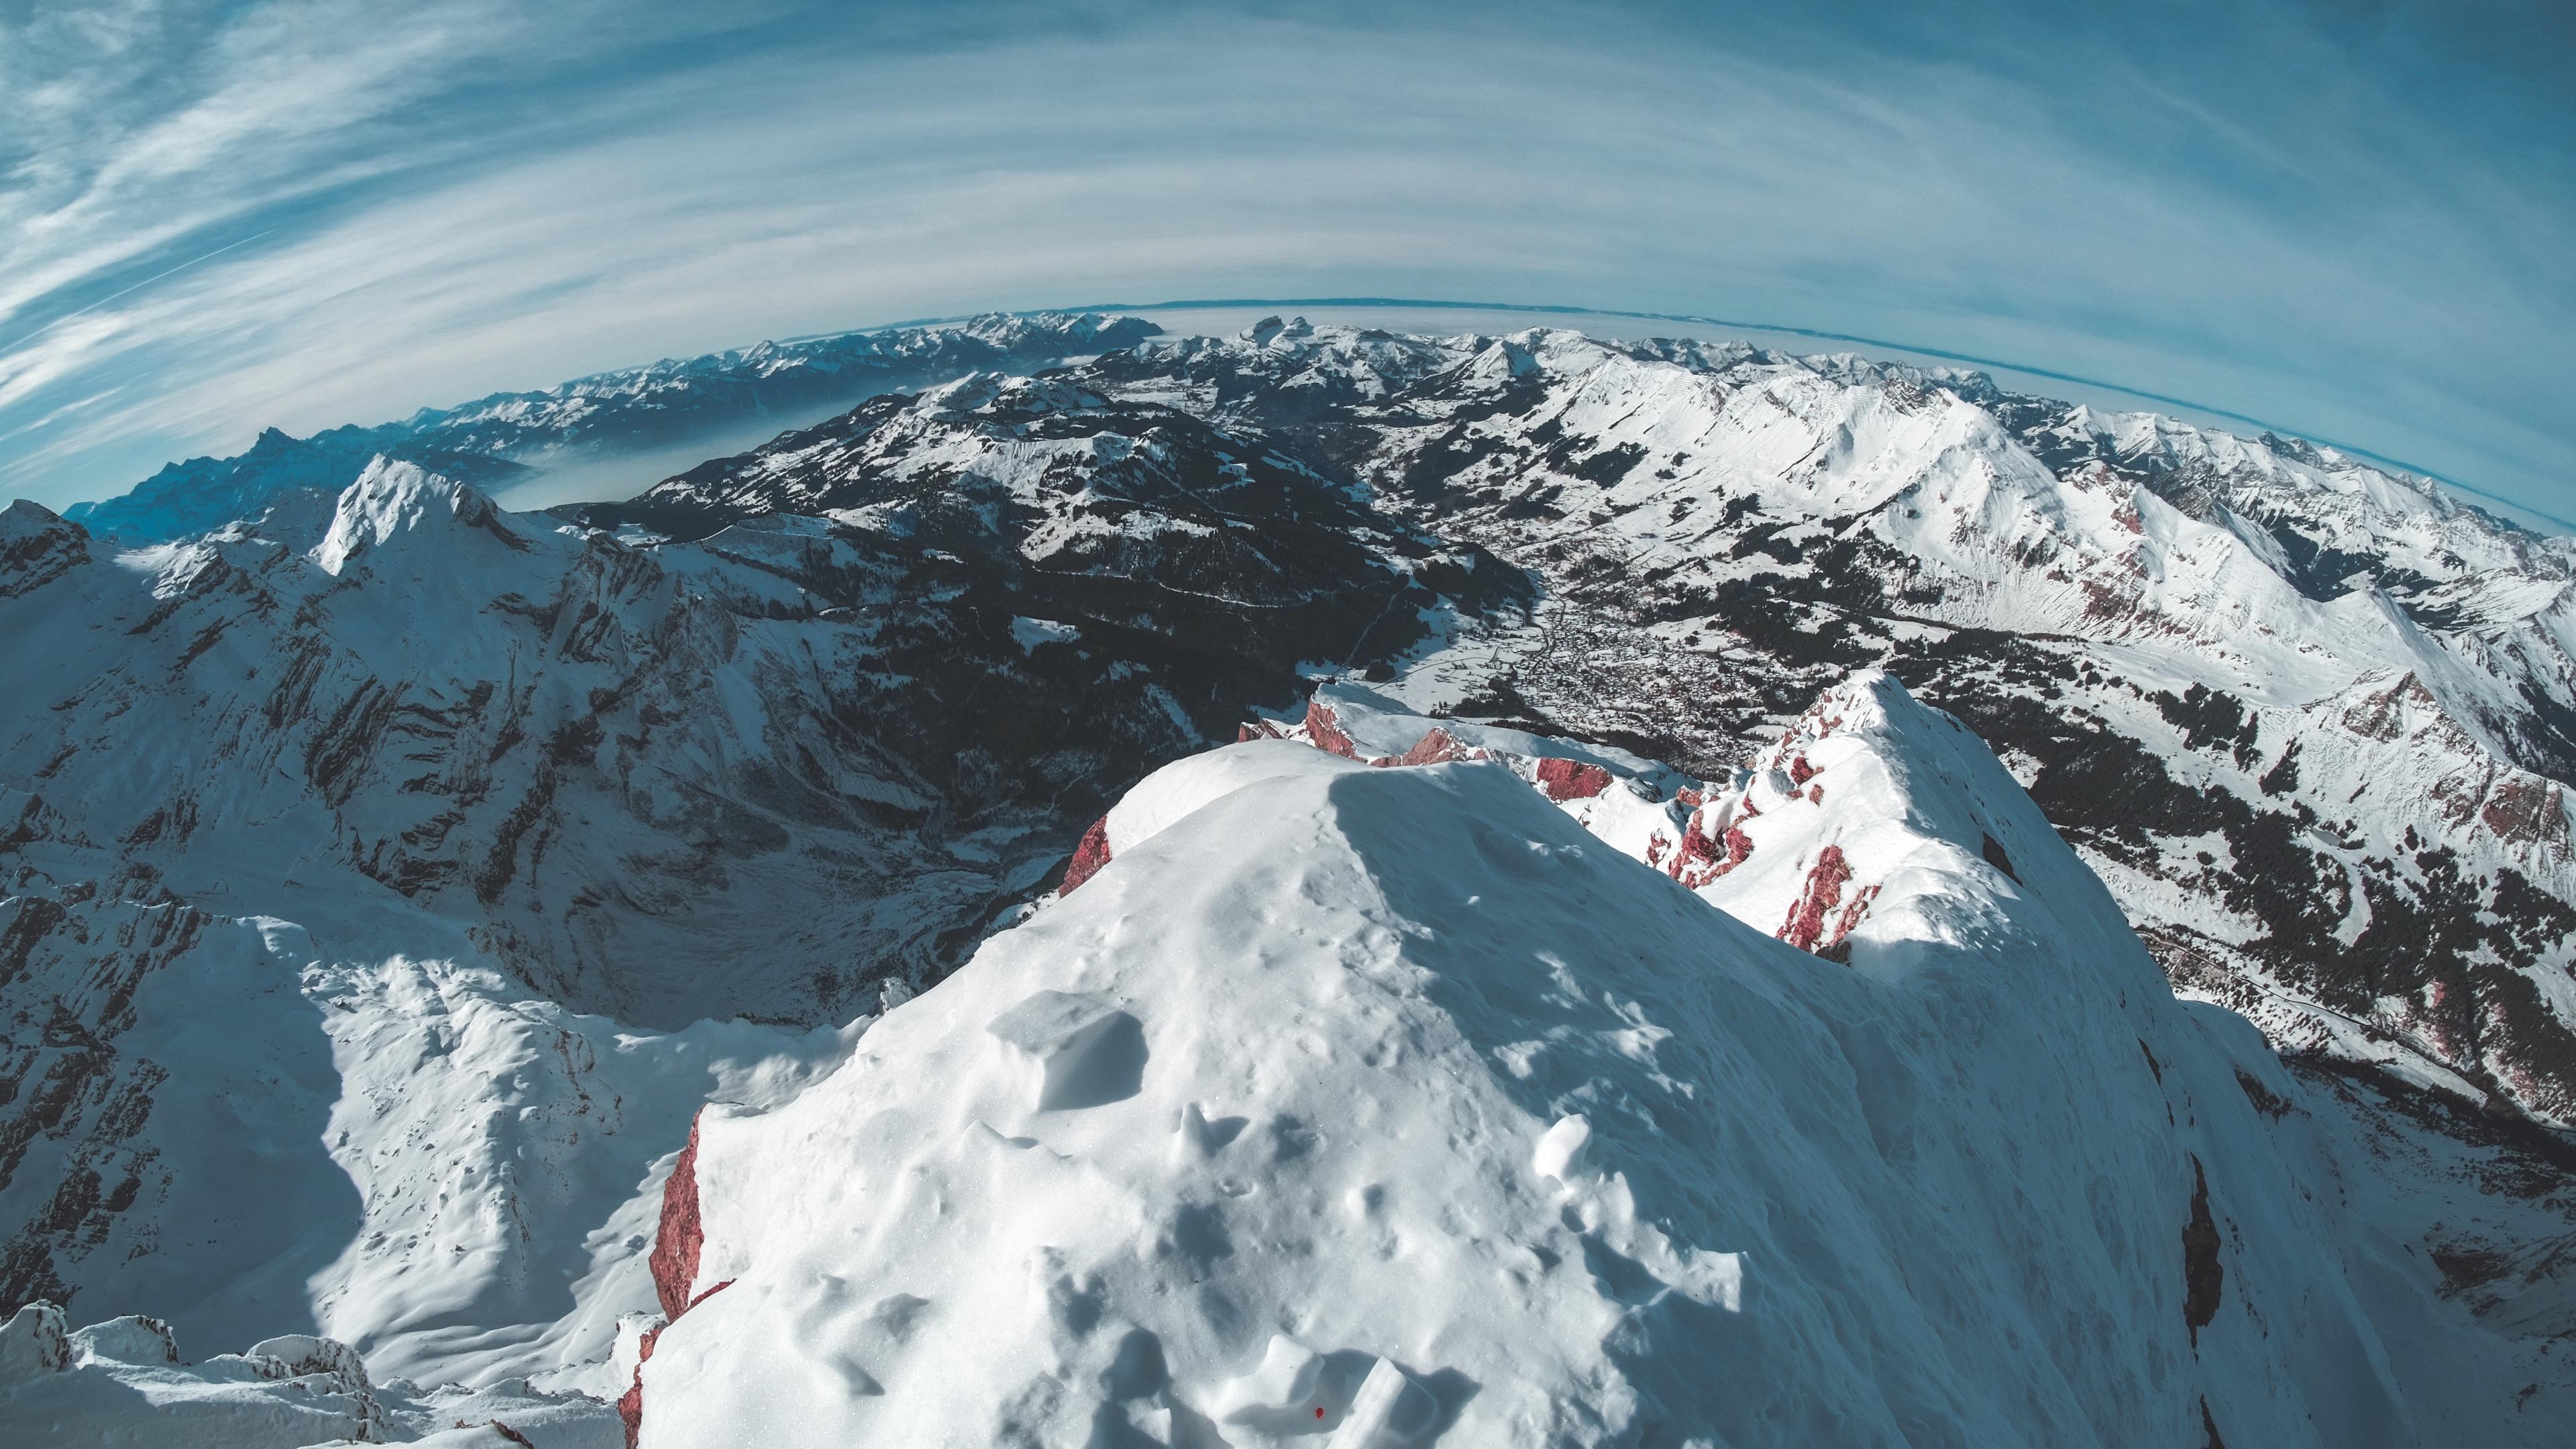 mountains snow winter top 4k 1541116172 - mountains, snow, winter, top 4k - Winter, Snow, Mountains